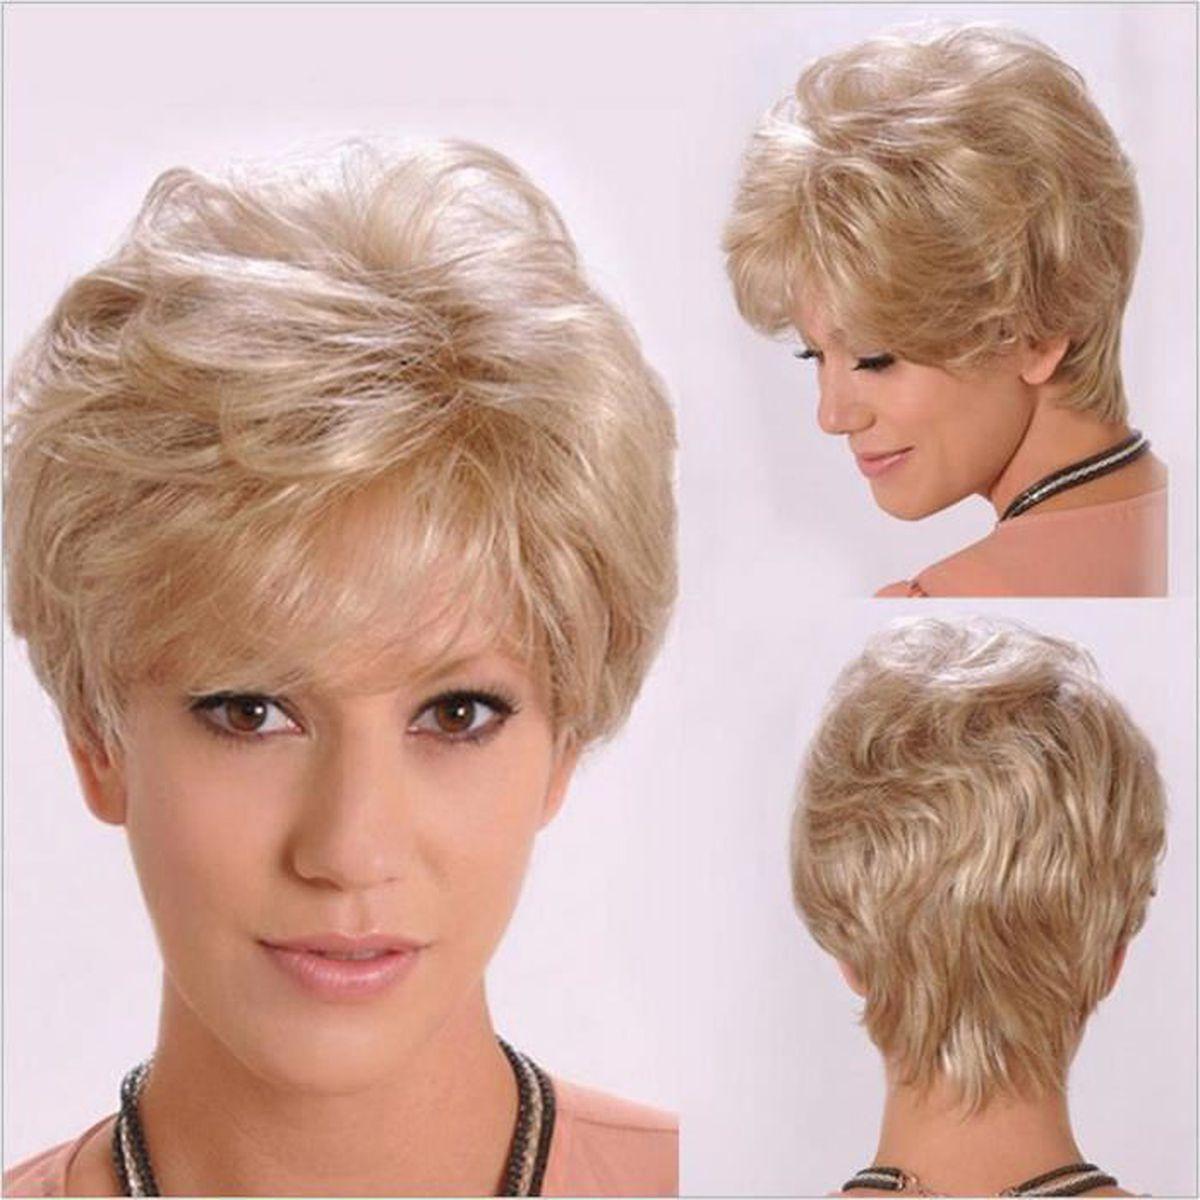 Mcsays Nouvelle Perruque Cheveux Court Frise Femme Europeen D Or Achat Vente Perruque Postiche Mcsays Perruque Court Femme Cdiscount